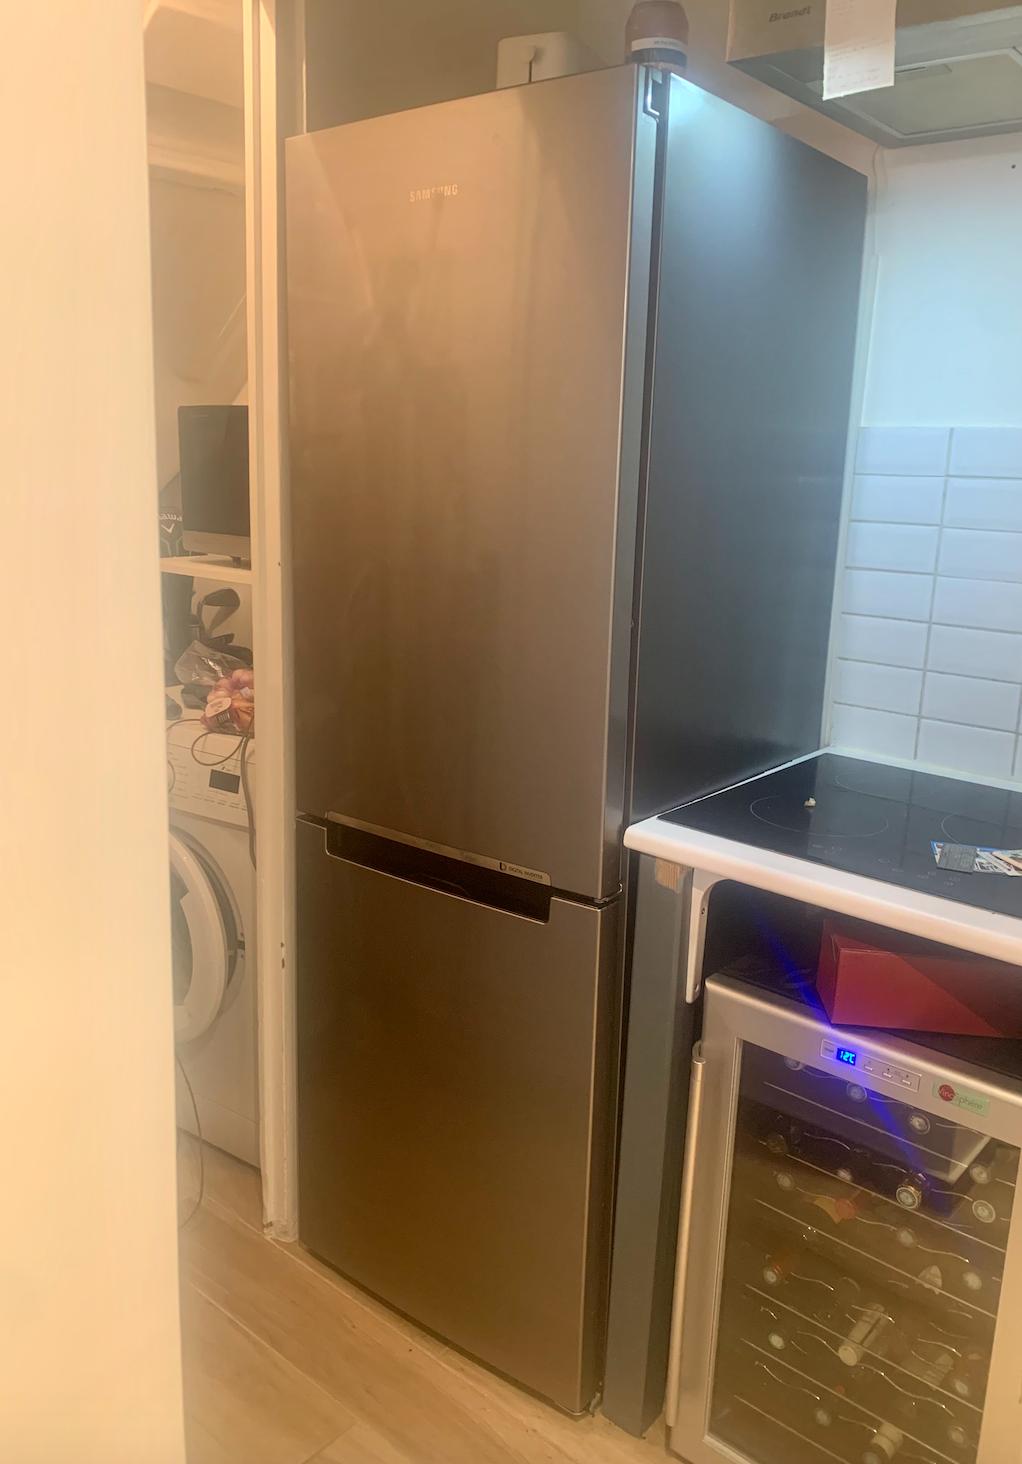 Combiné réfrigérateur congélateur Samsung Silver - Très bon état avec facture